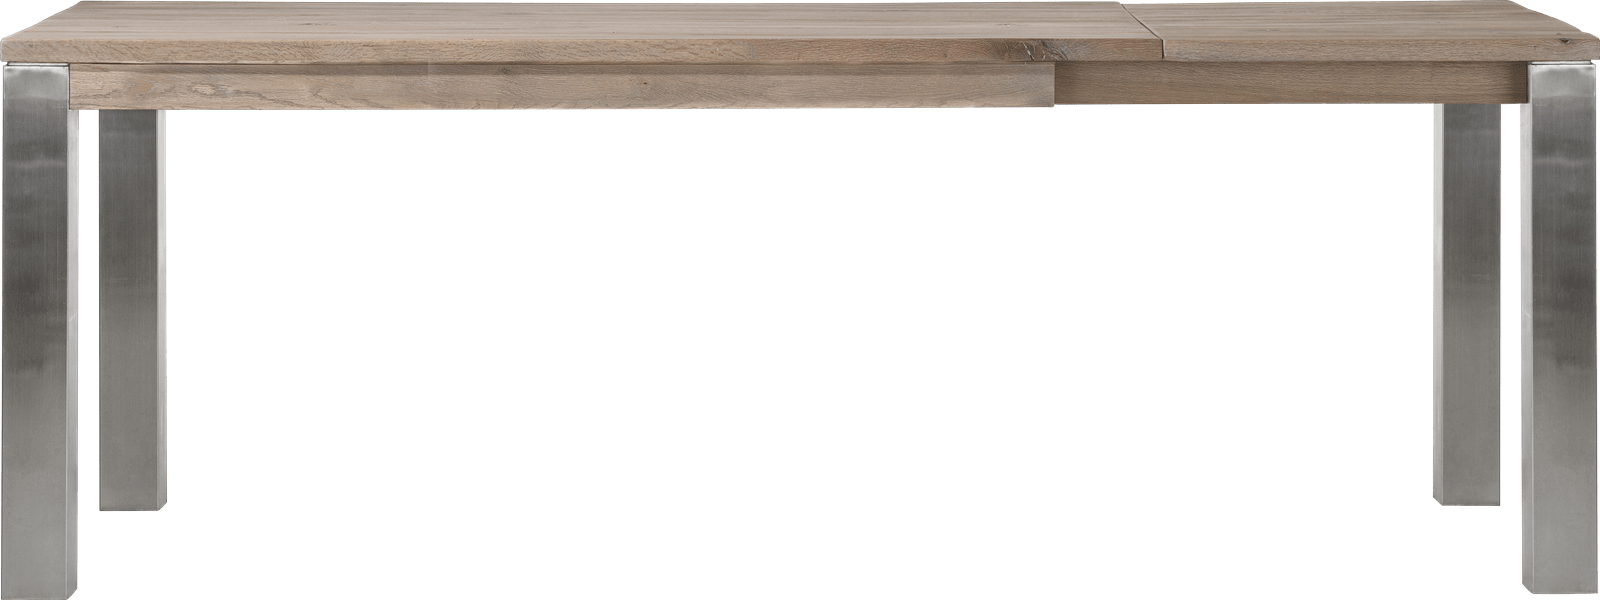 Masters - uitschuiftafel 160 (+ 60) x 90 cm - rvs 9x9